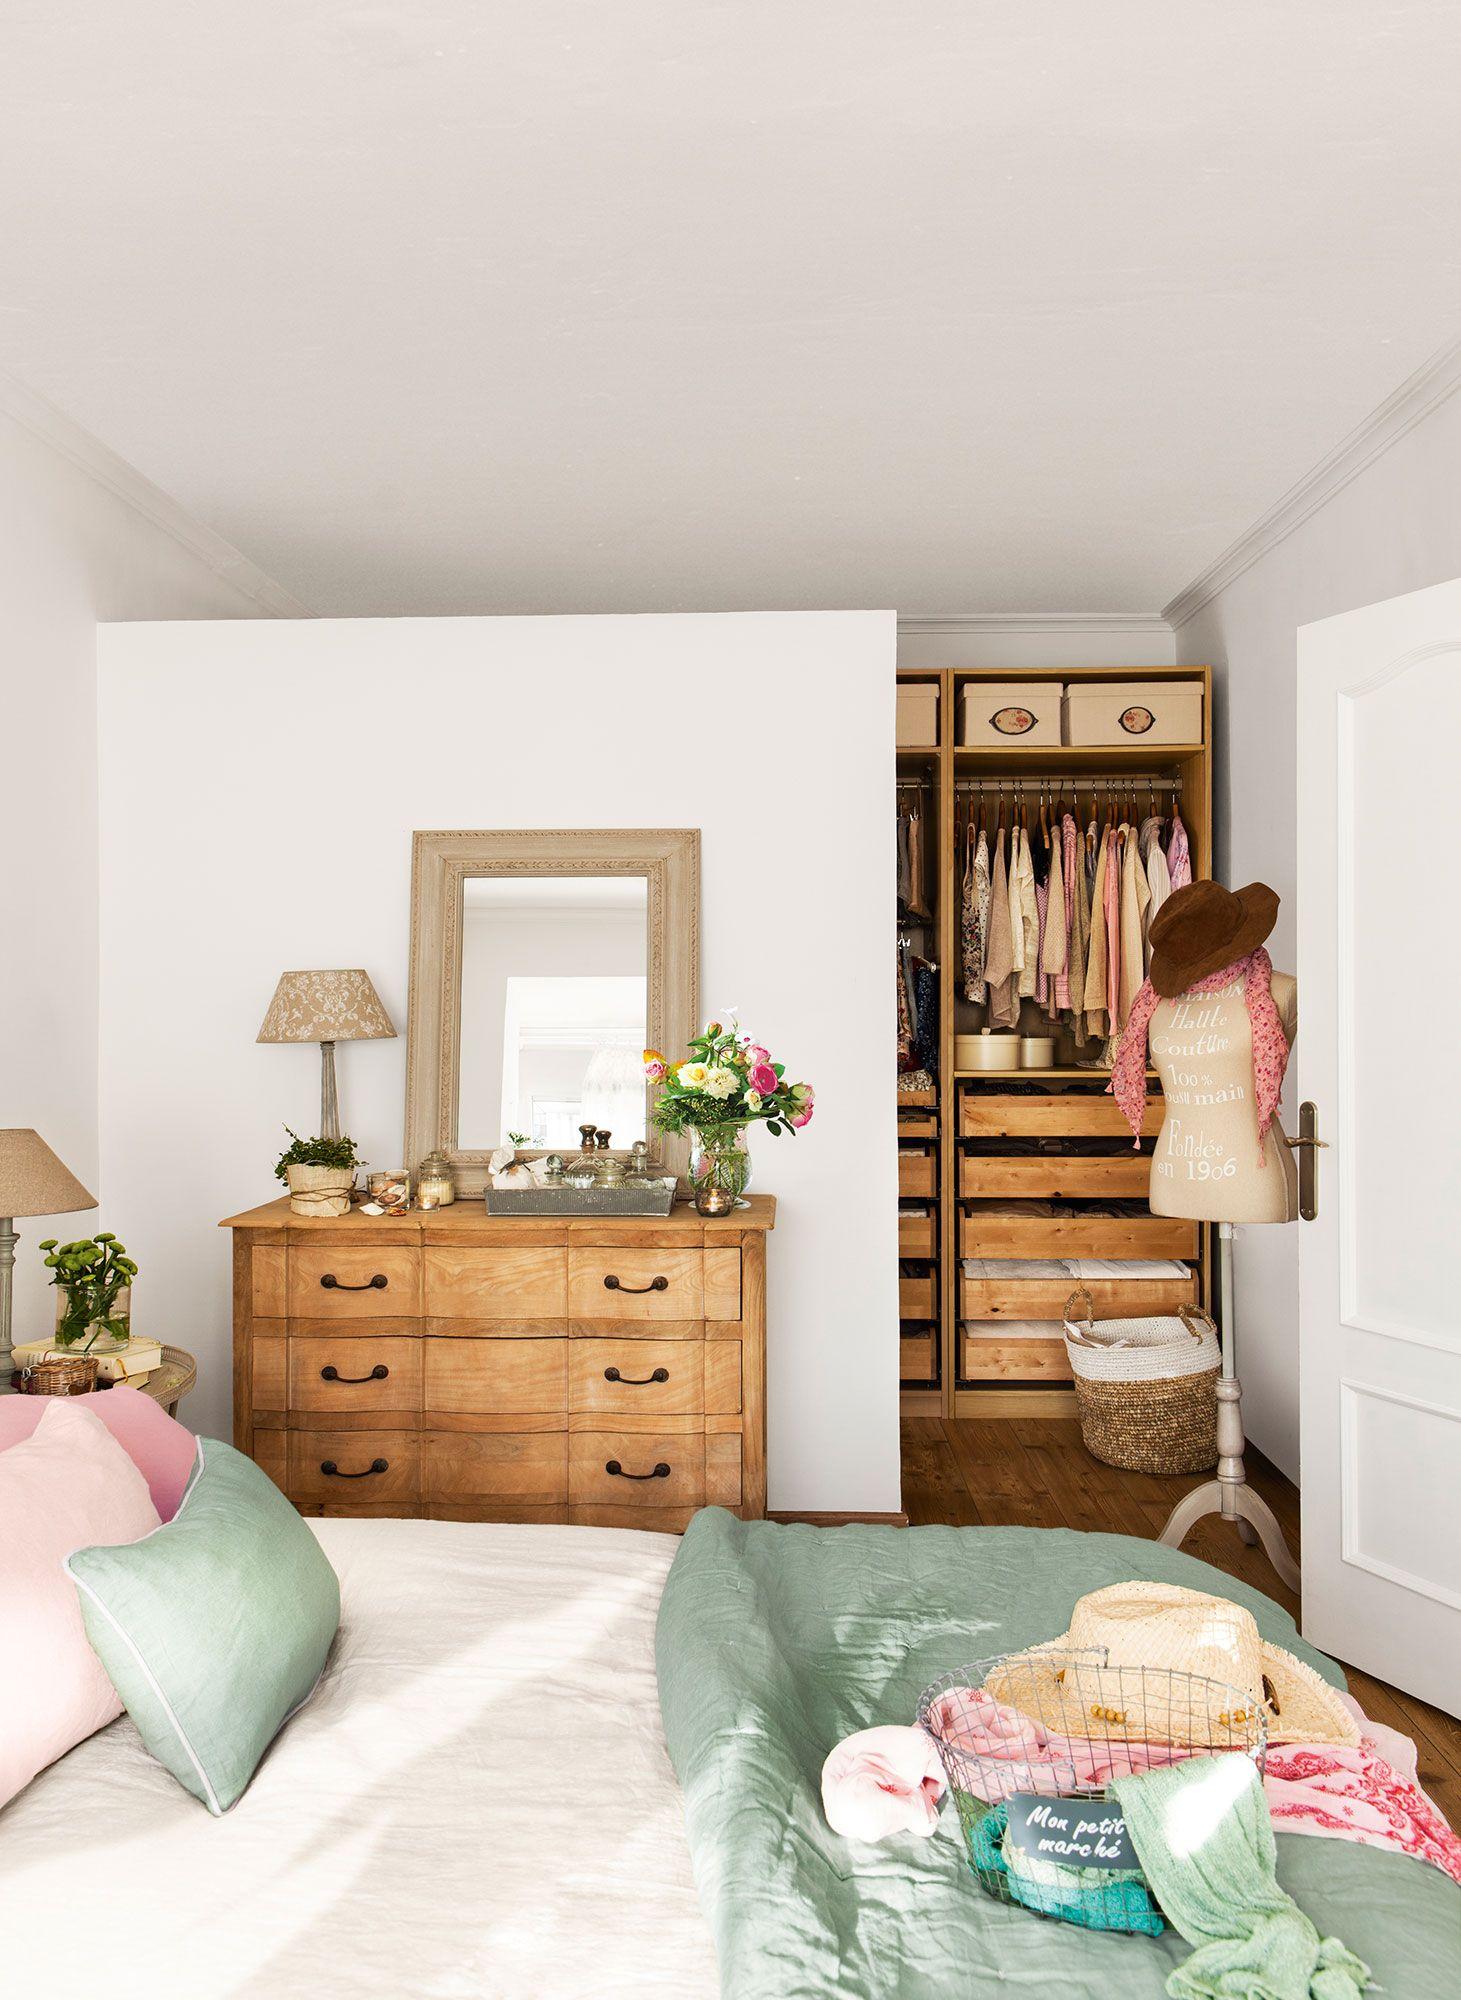 Dormitorio con vestidor contiguo tras muro que no llega al techo ...